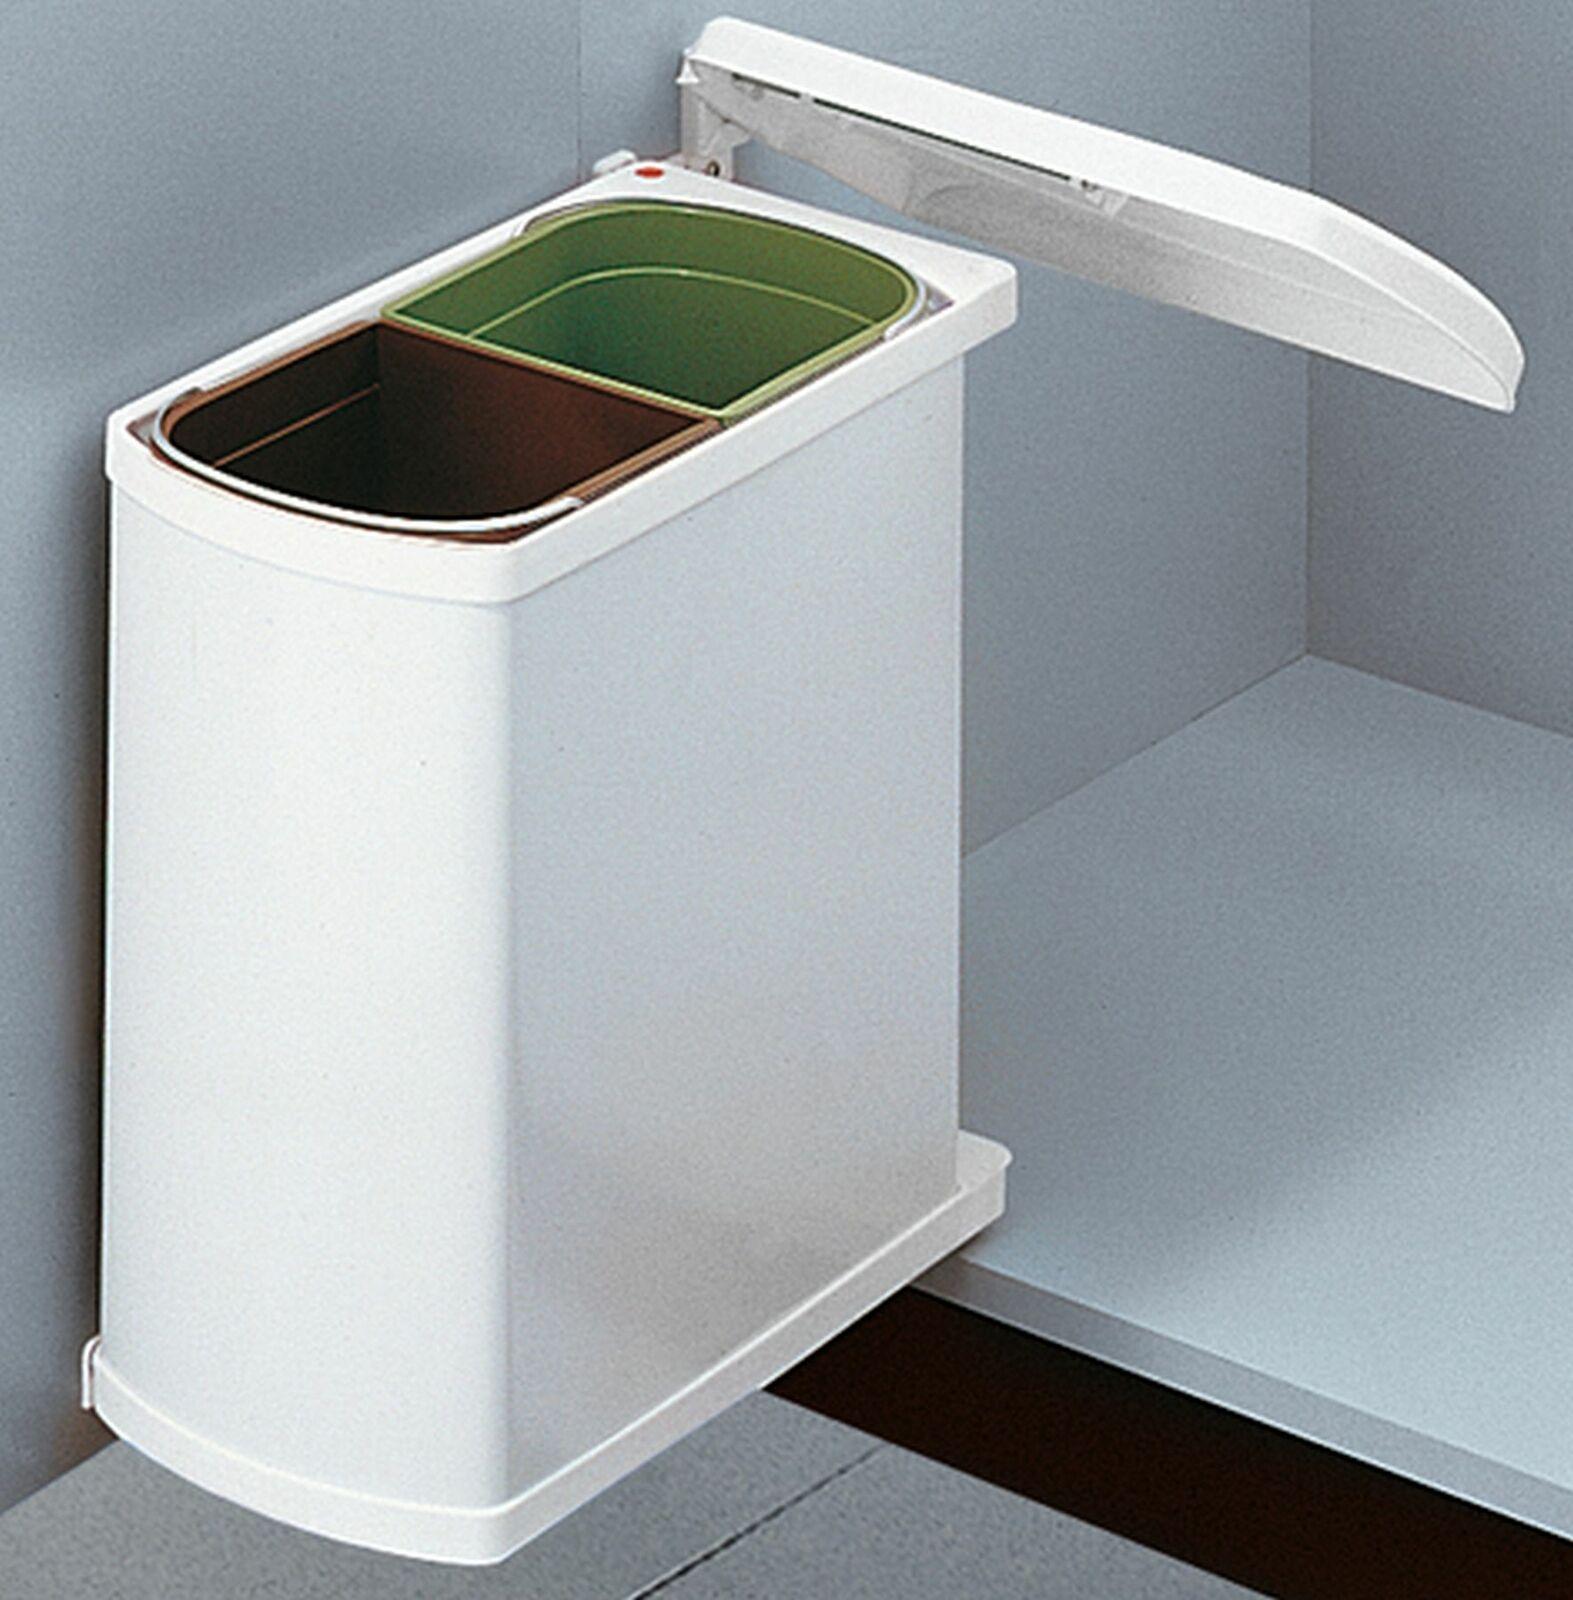 Mülleimer Abfalleimer Küche 20 L Hailo Duo Einbau Bioeimer Mülltrennung  *520179